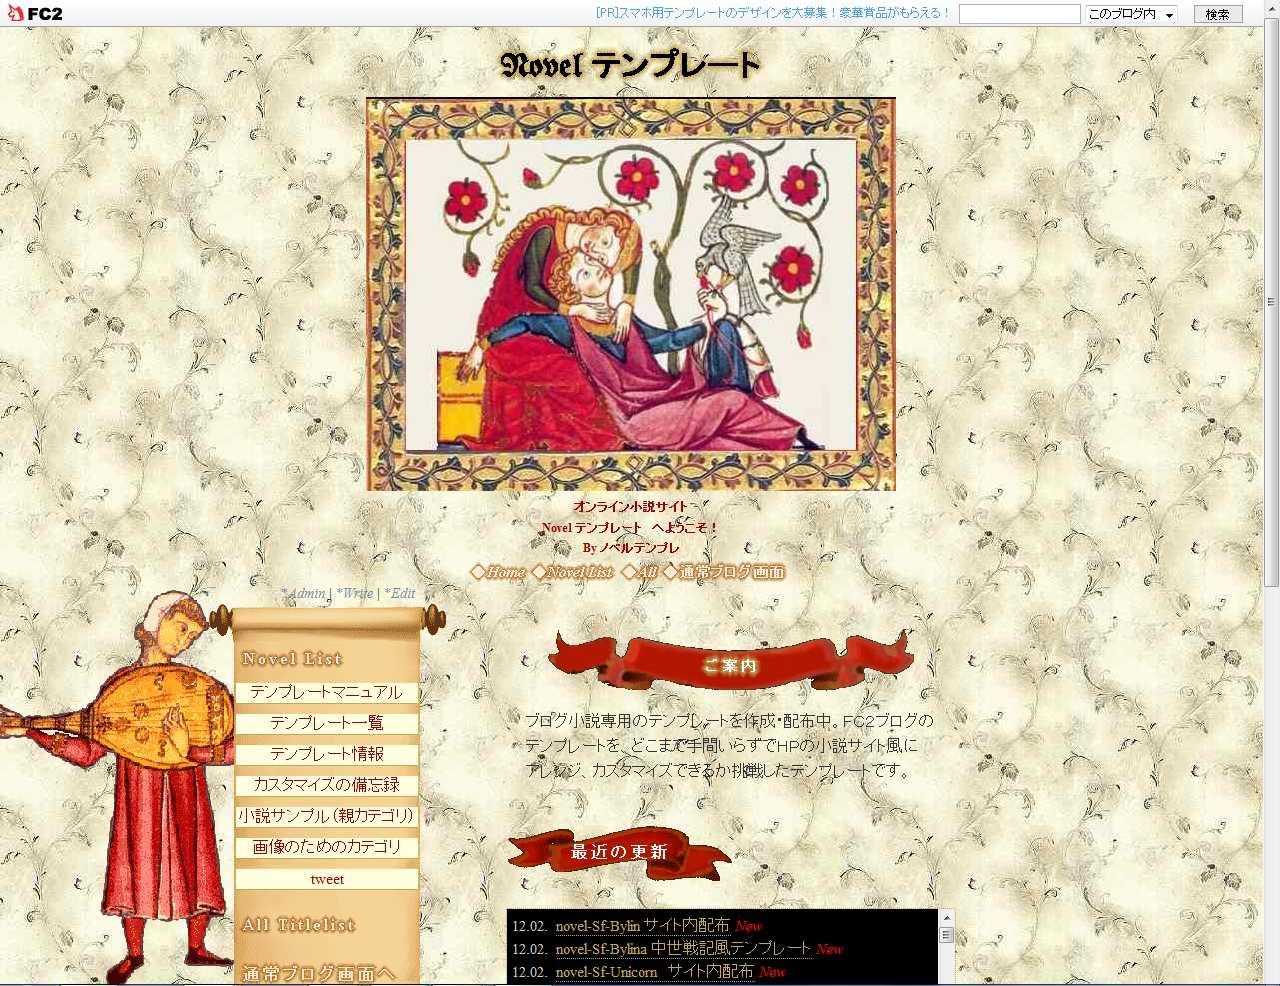 ブログ小説専用novel テンプレート Novel Jf Minnesang 中世彩飾写本風テンプレート